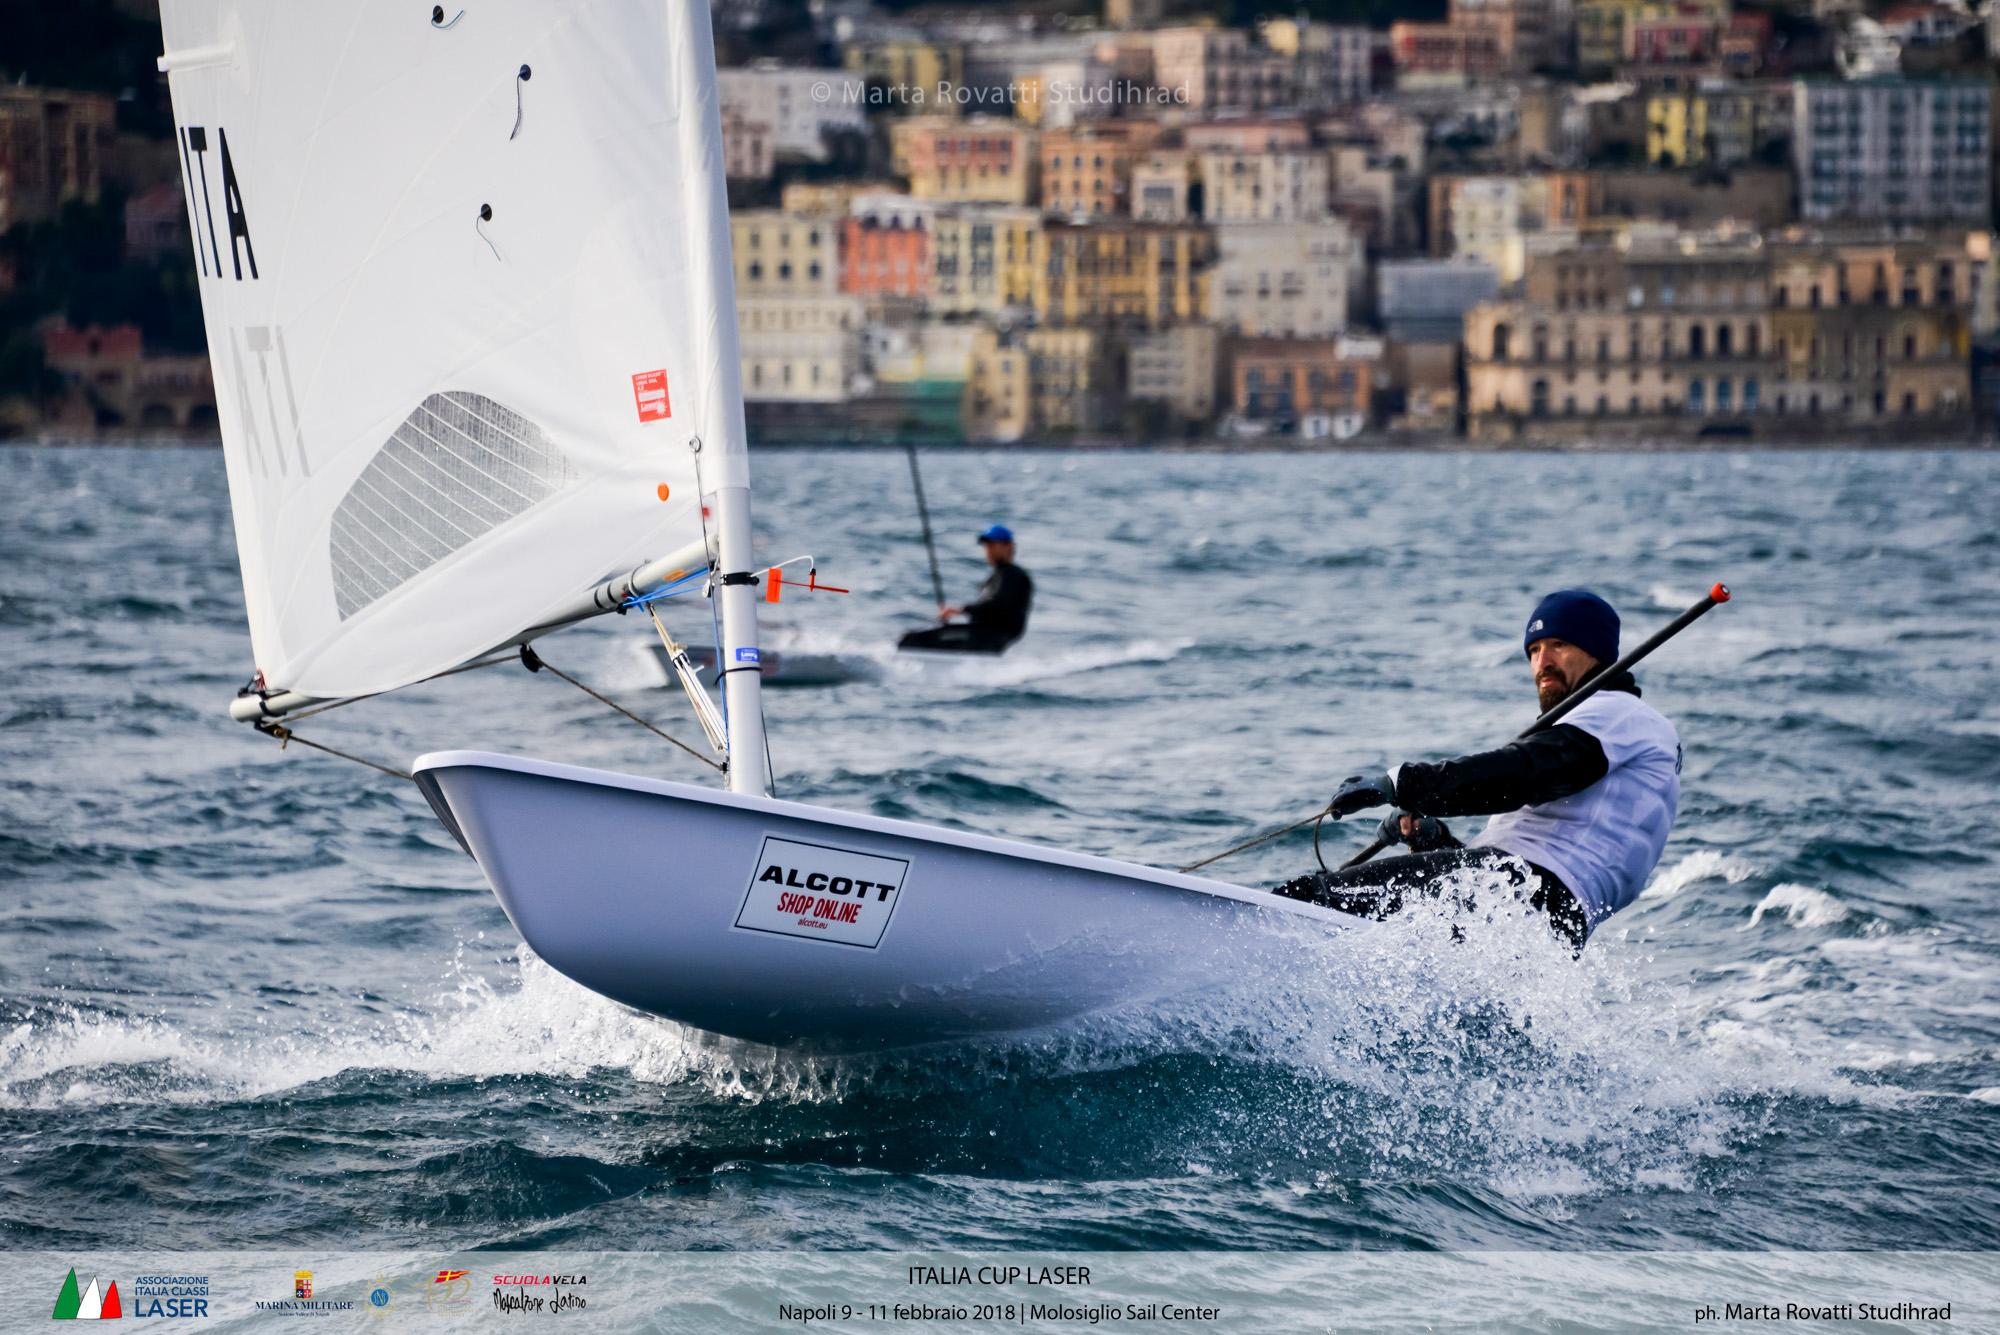 Associazione-Italia-Classi-Laser-2018-NapoliMGR_3972